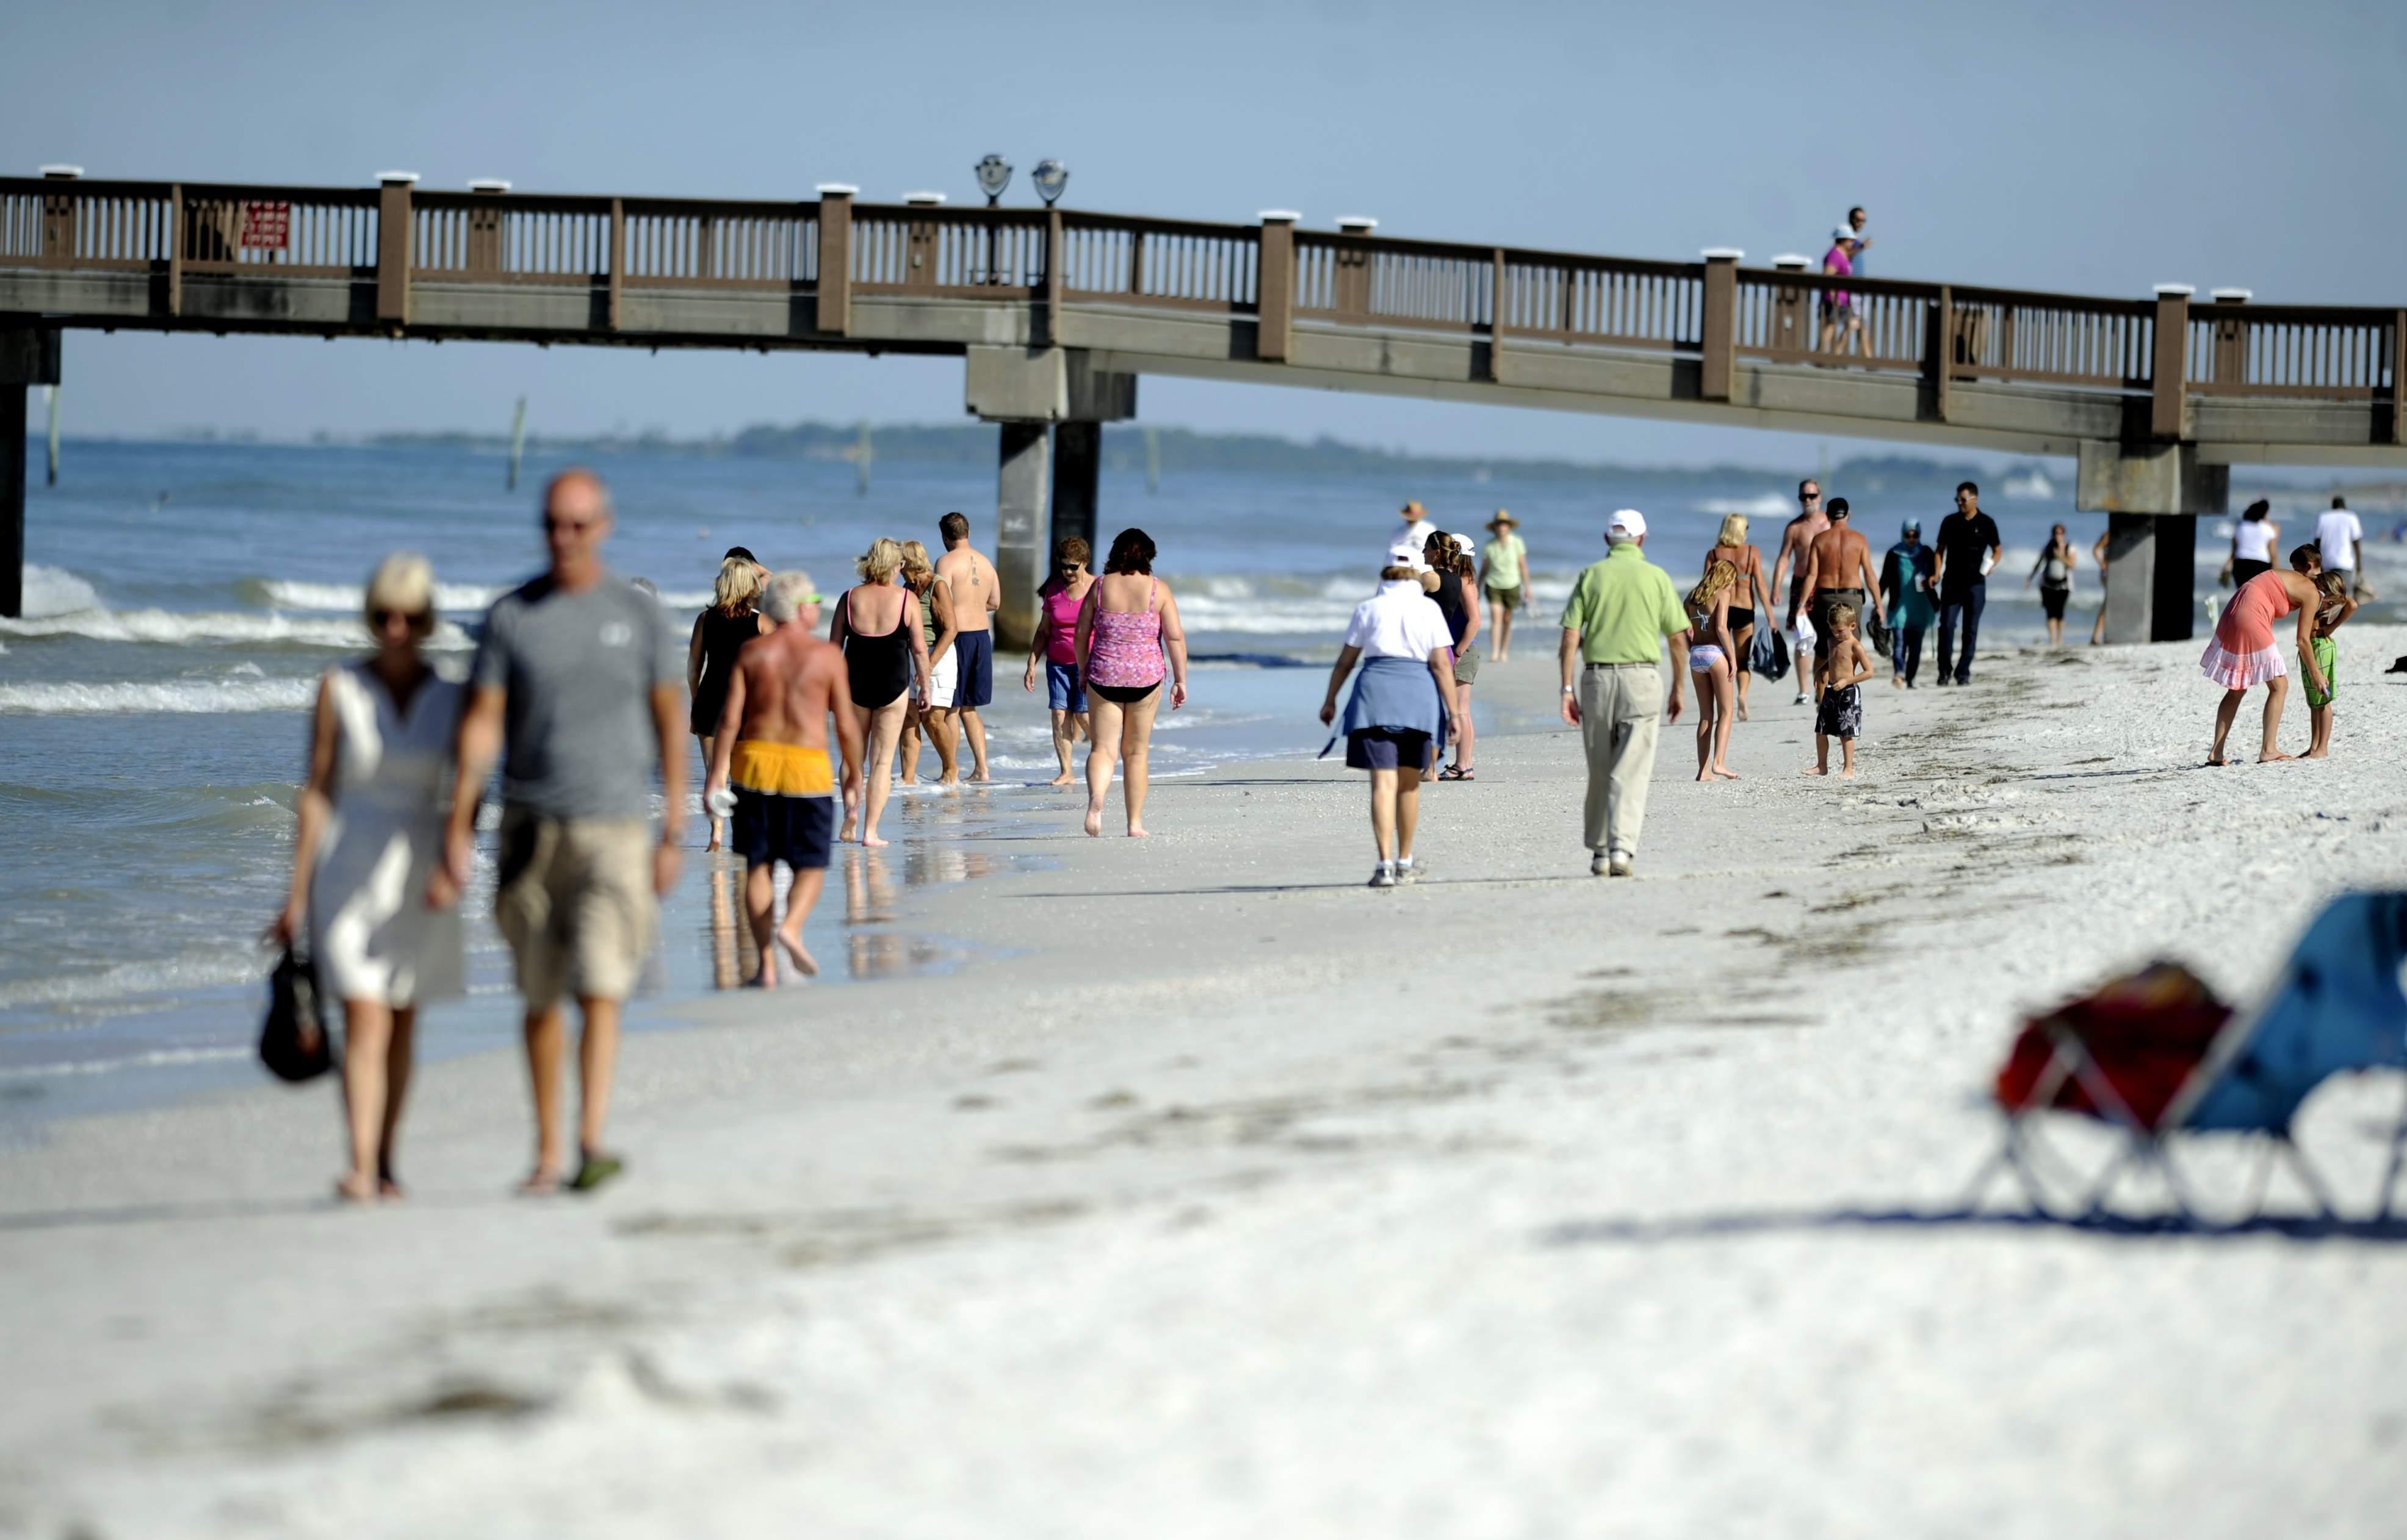 Negocios de la Florida necesitan un préstamo  de pequeño negocio durante la temporada turística